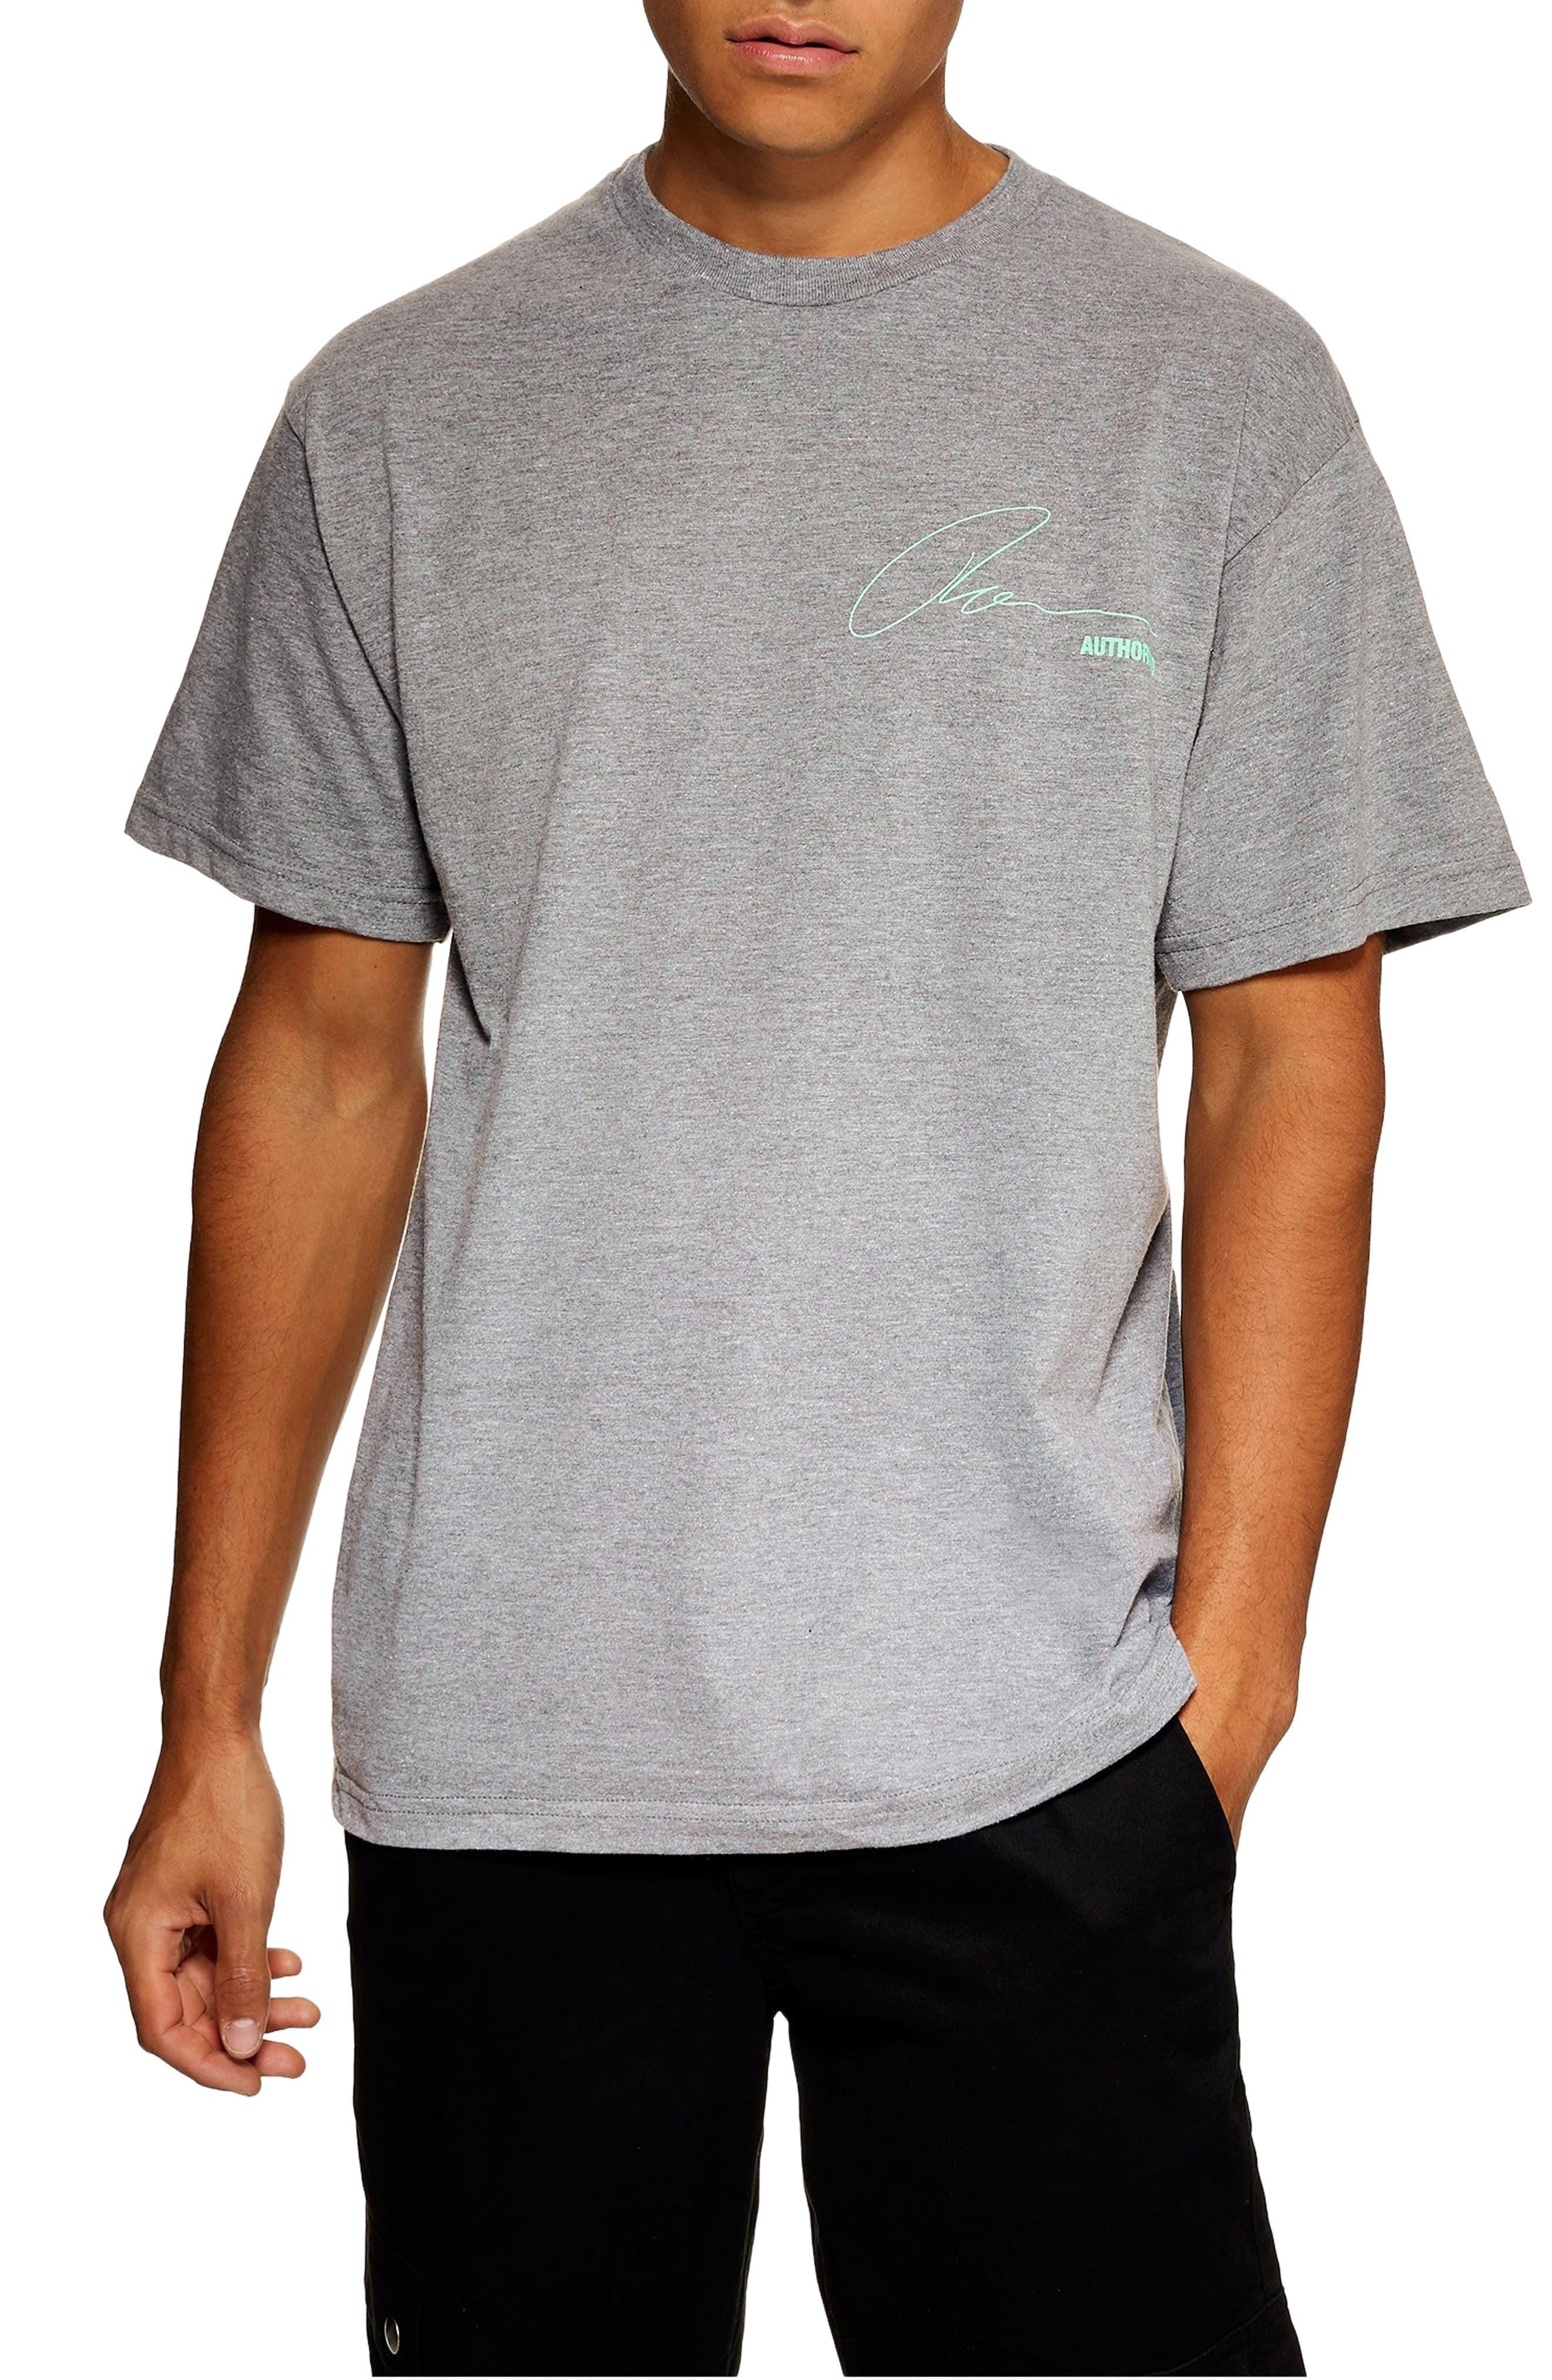 Explicit Content T-Shirt,                         Main,                         color, GREY